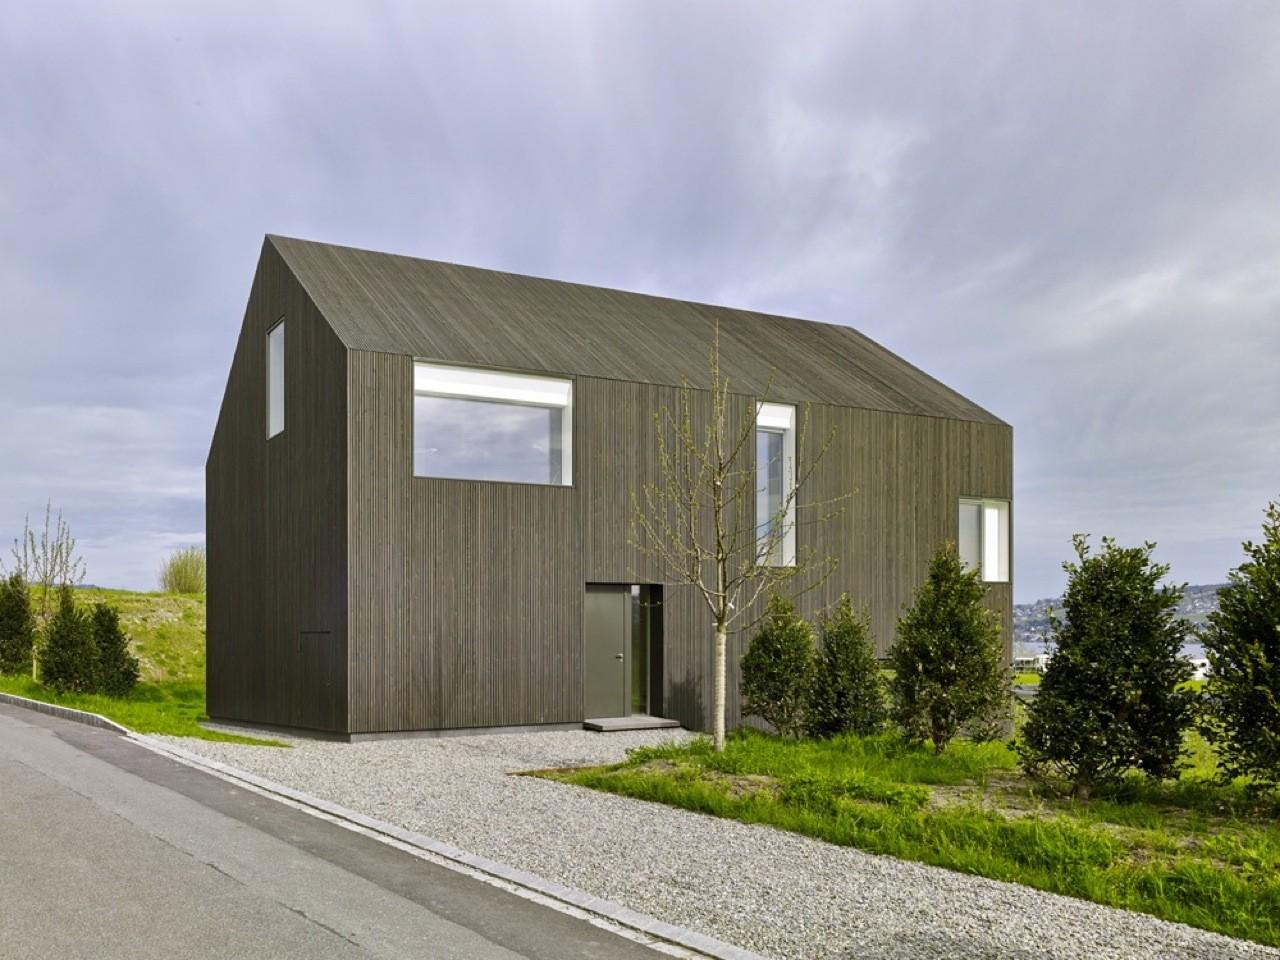 gallery of gottshalden rossetti wyss architekten 3. Black Bedroom Furniture Sets. Home Design Ideas